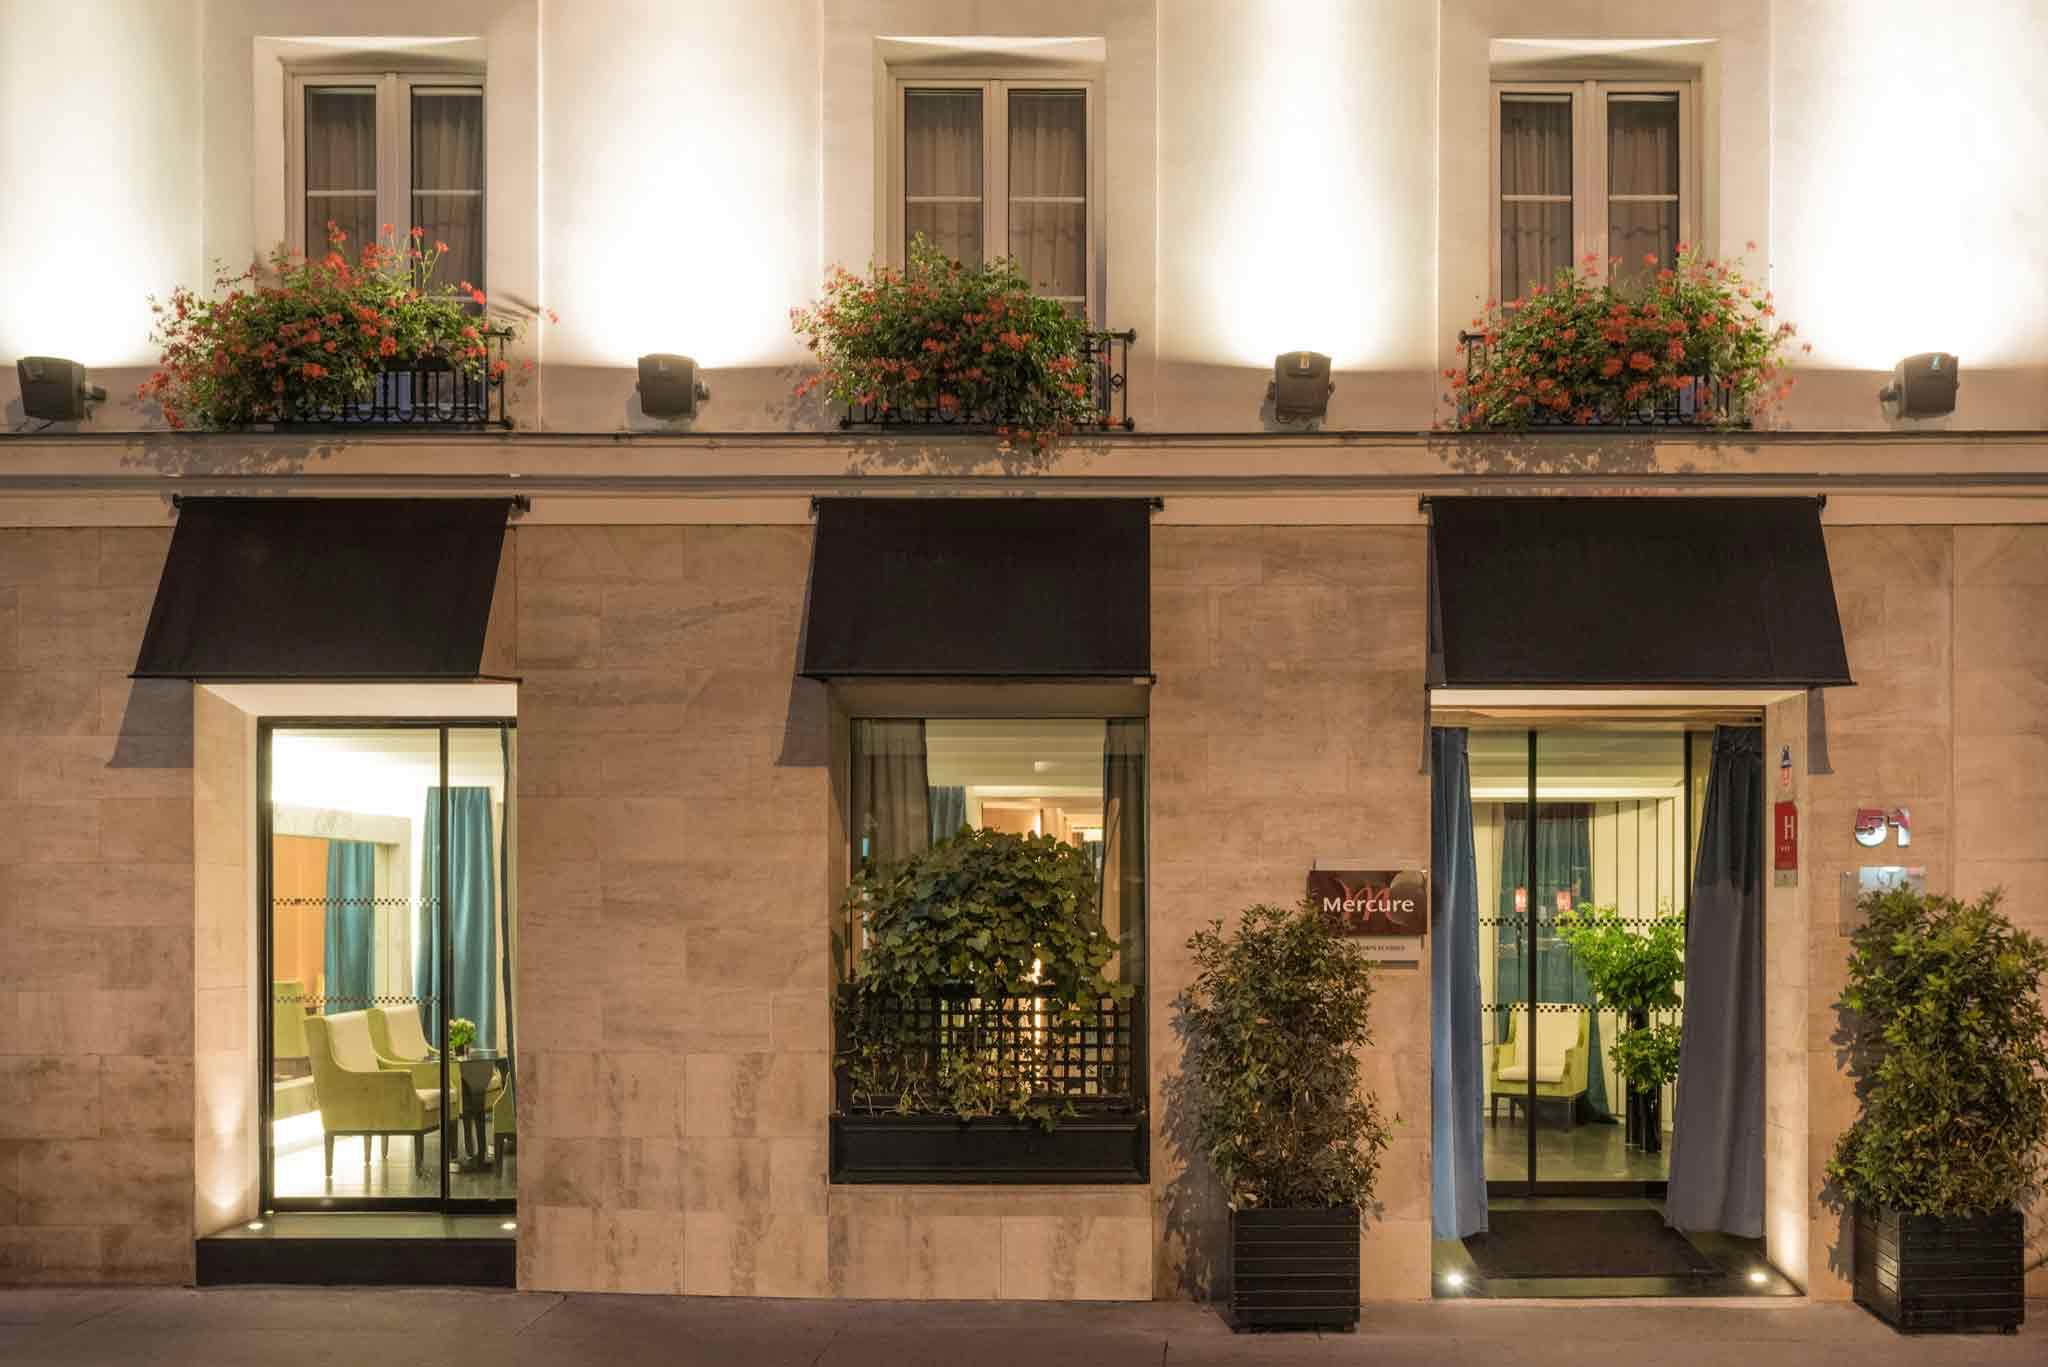 فندق - مركيور Mercure باريس شانزيليزيه